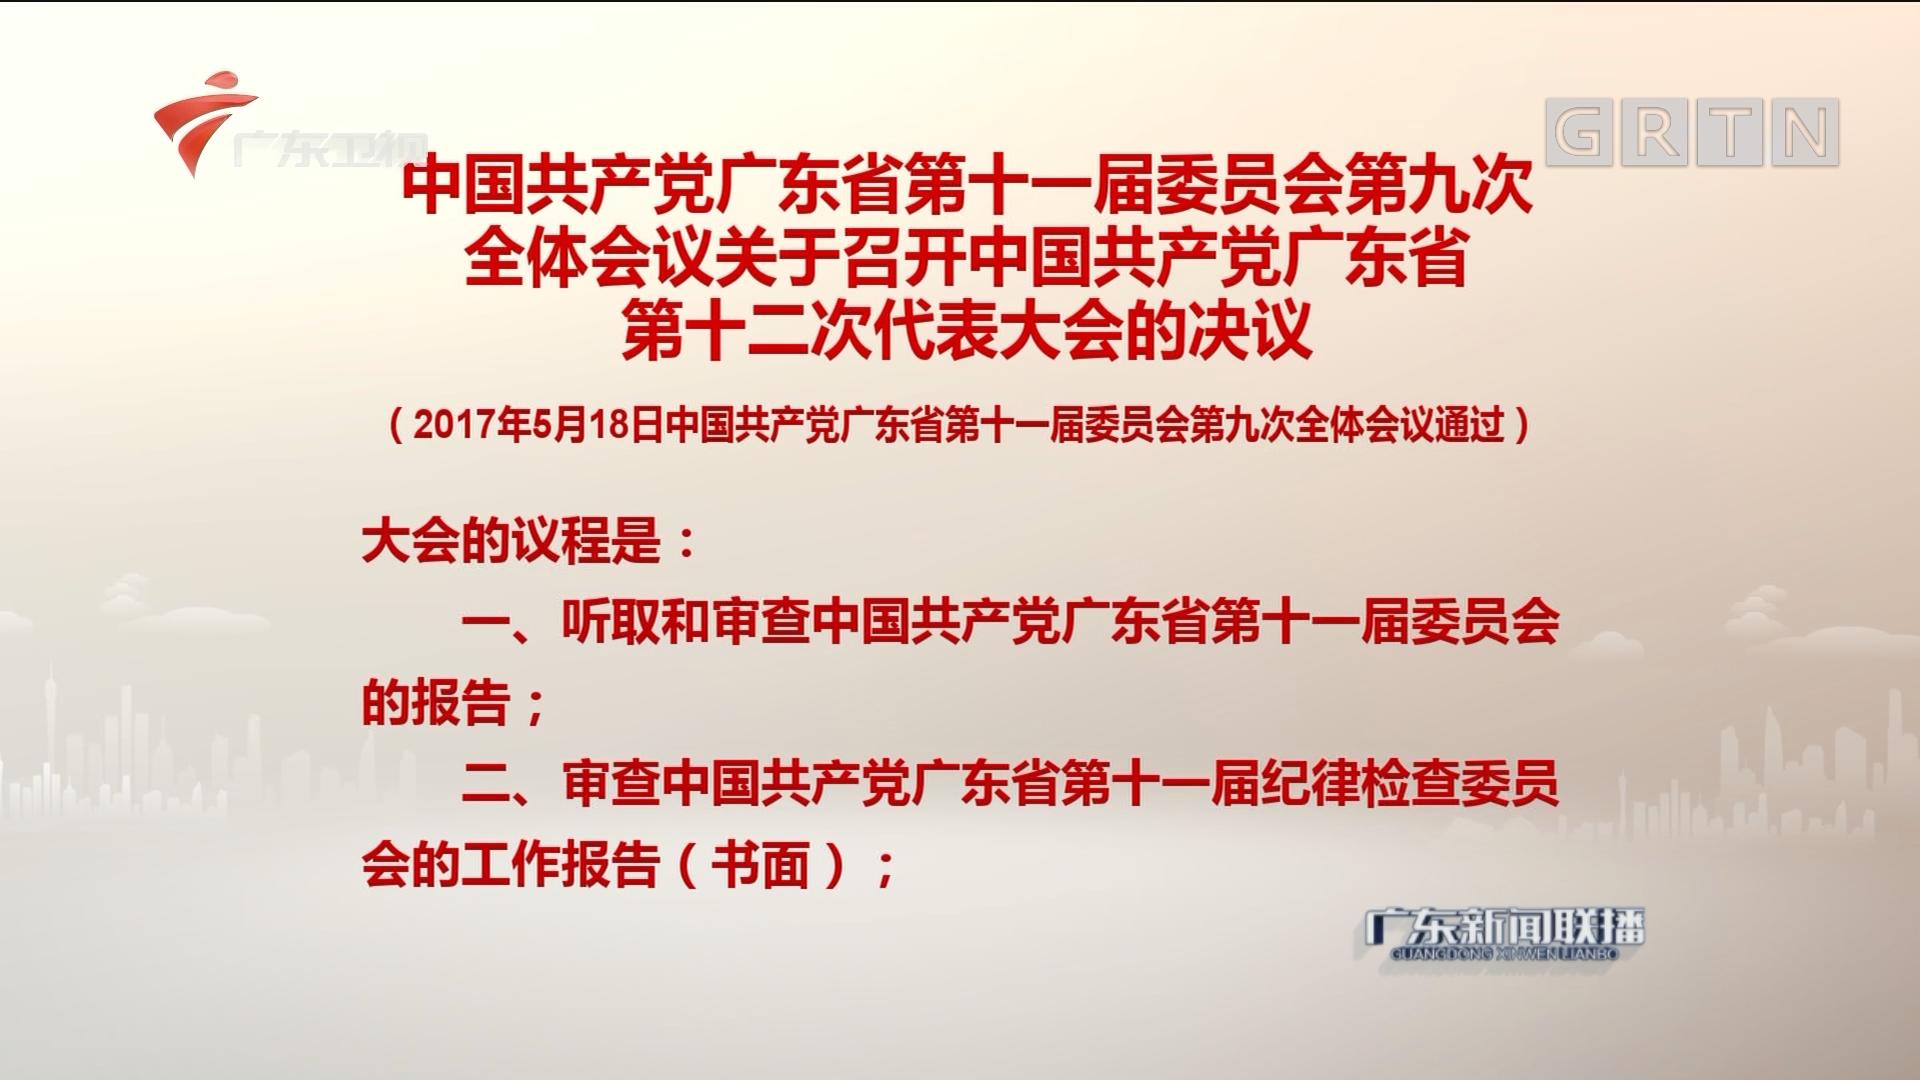 中国共产党广东省第十一届委员会第九次全体会议关于召开中国共产党广东省第十二次代表大会的决议